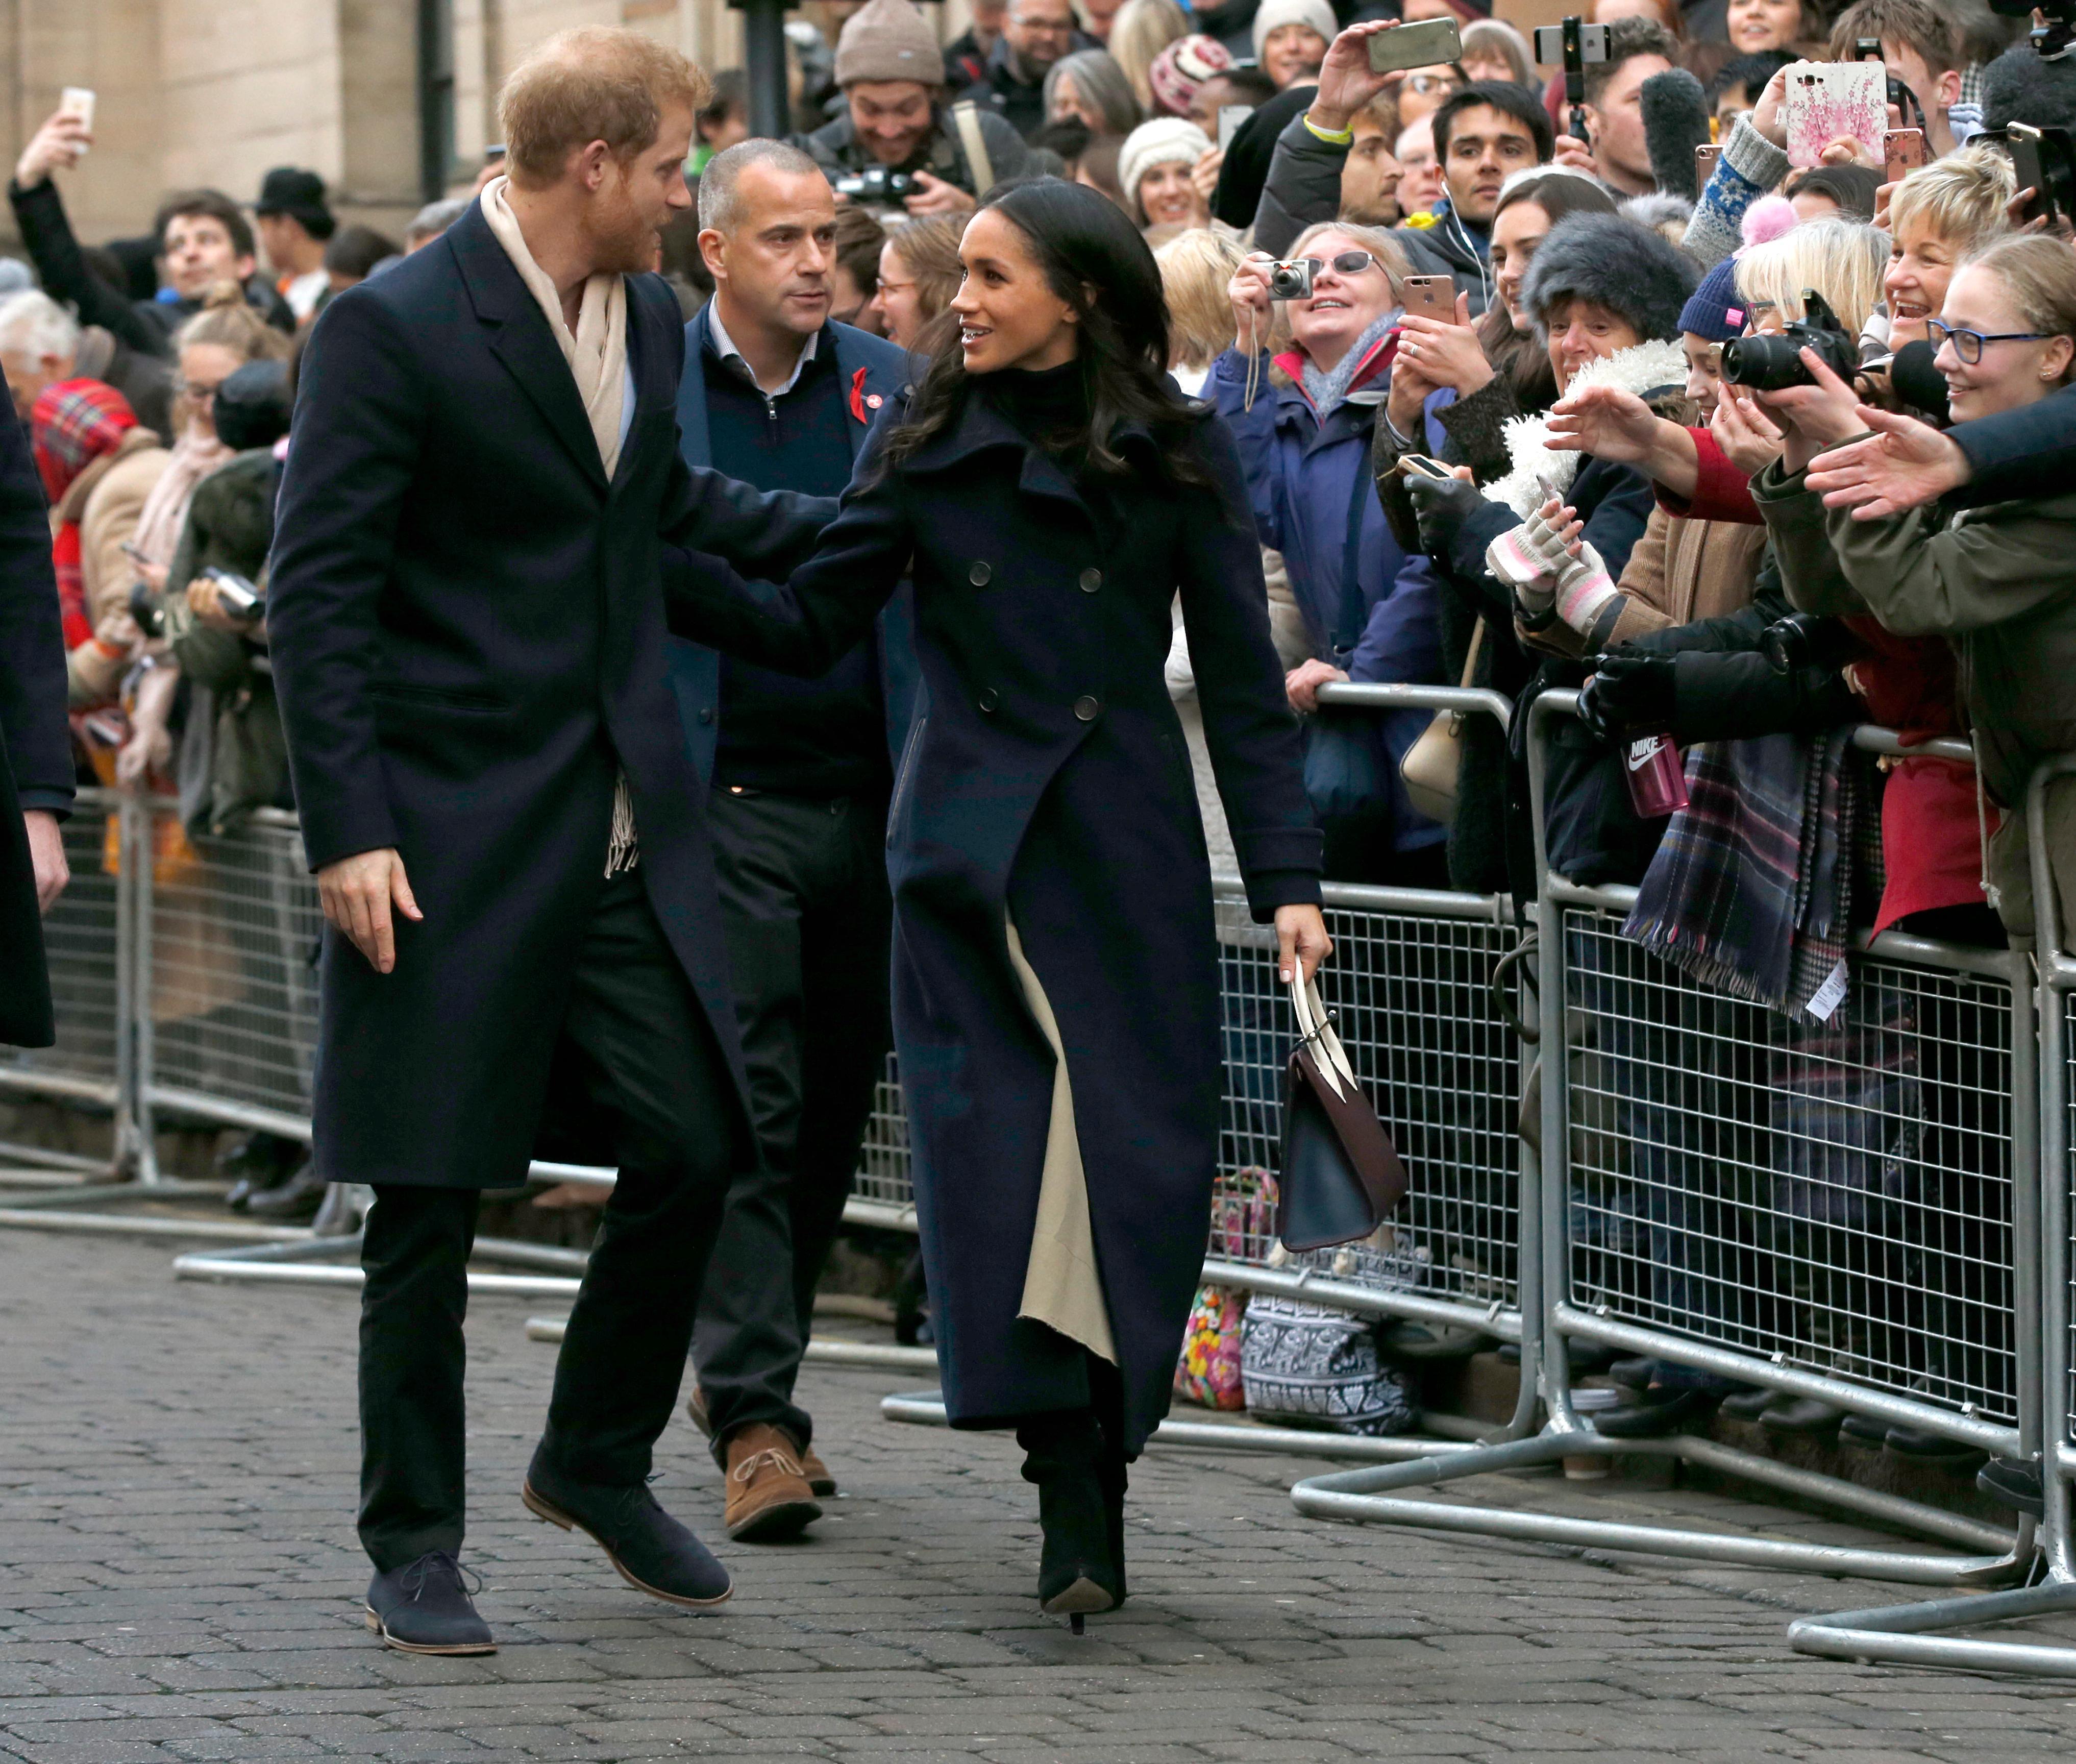 La primera visita oficial juntos fue a Nottingham, al centro de Inglaterra, el 1 de diciembre de 2017. Los curiosos abarrotaron las calles de la localidad para ver de cerca a la nueva pareja. (Archivo)